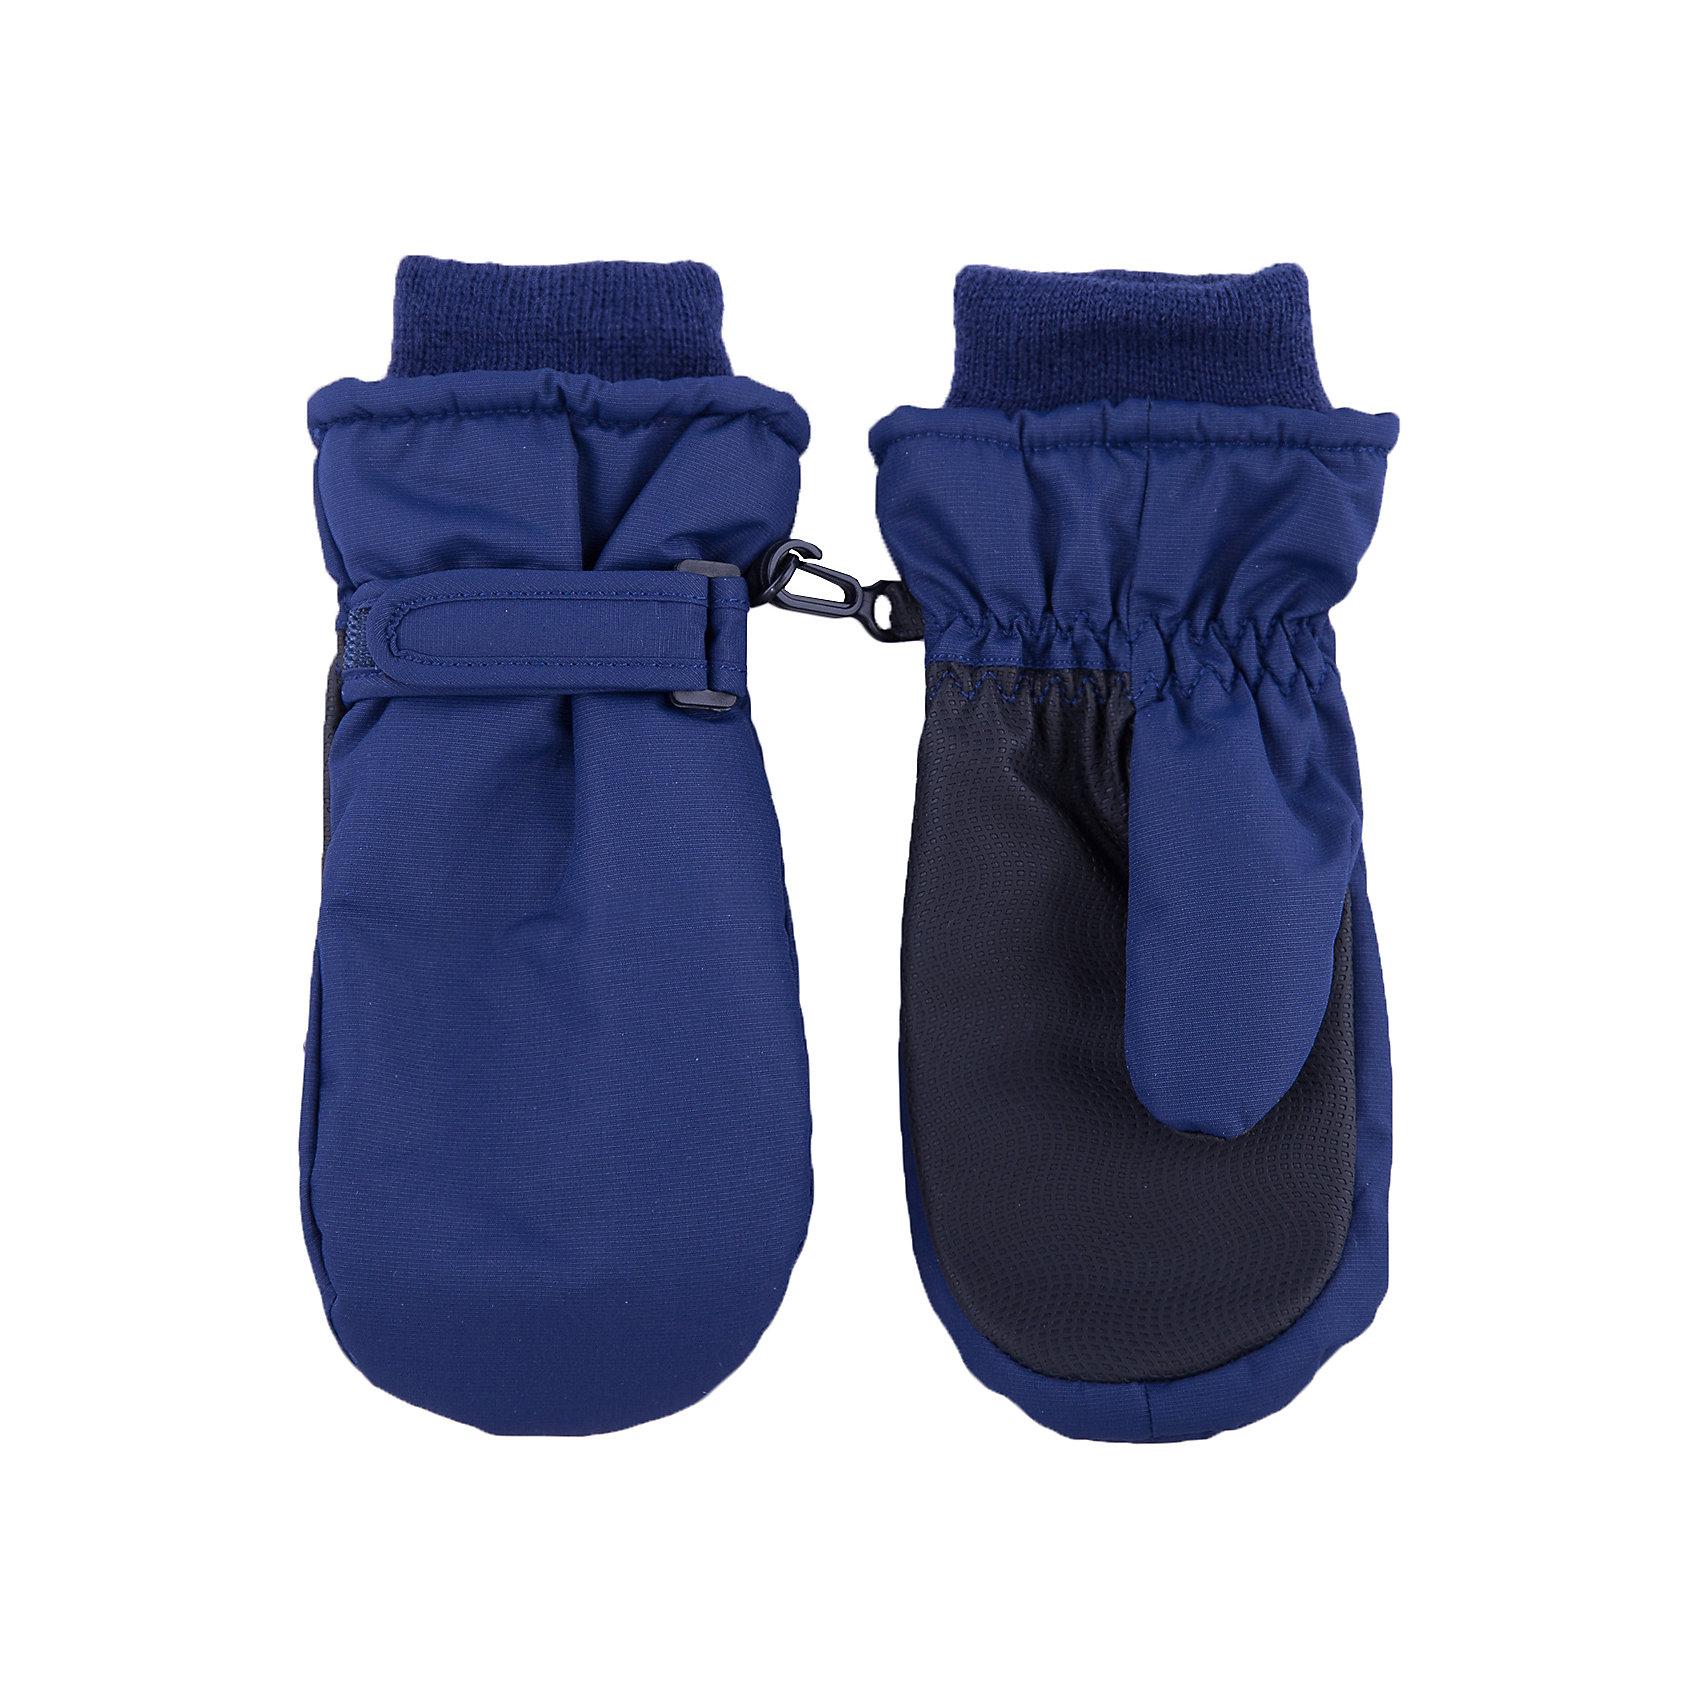 Варежки BUTTON BLUEПерчатки, варежки<br>Варежки BUTTON BLUE <br>Подбирая зимний функциональный гардероб для ребенка, не забудьте купить варежки из плащевки, ведь они - незаменимая вещь для прогулок в морозные дни! Непромокаемая плащевка, утяжка от продувания, протектор для прочности и износостойкости изделия позволят гулять в любую погоду, гарантируя тепло, уют и комфорт.<br>Состав:<br>тк. верха:                        100%полиэстер,                           подкл.:               100%полиэстер, утепл.:         100%полиэстер<br><br>Ширина мм: 162<br>Глубина мм: 171<br>Высота мм: 55<br>Вес г: 119<br>Цвет: темно-синий<br>Возраст от месяцев: 84<br>Возраст до месяцев: 96<br>Пол: Унисекс<br>Возраст: Детский<br>Размер: 18,12,14,16<br>SKU: 7039729